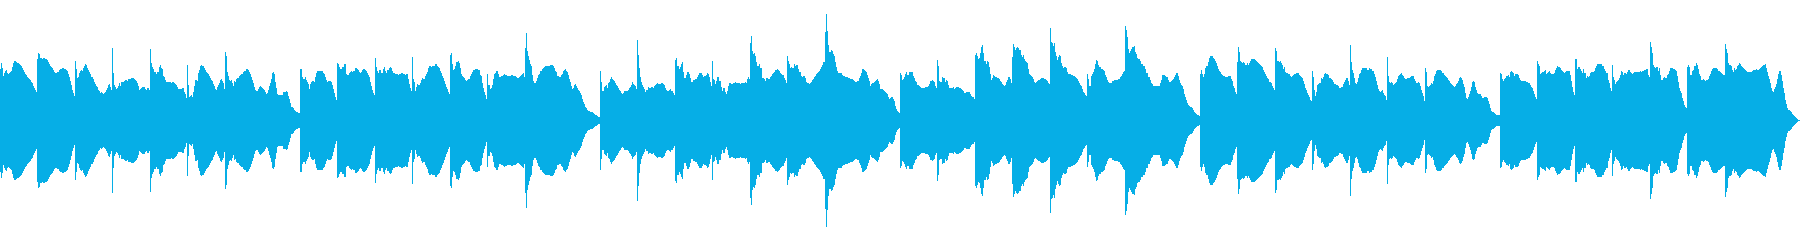 きらきら星ヴィブラフォン Vrの再生済みの波形